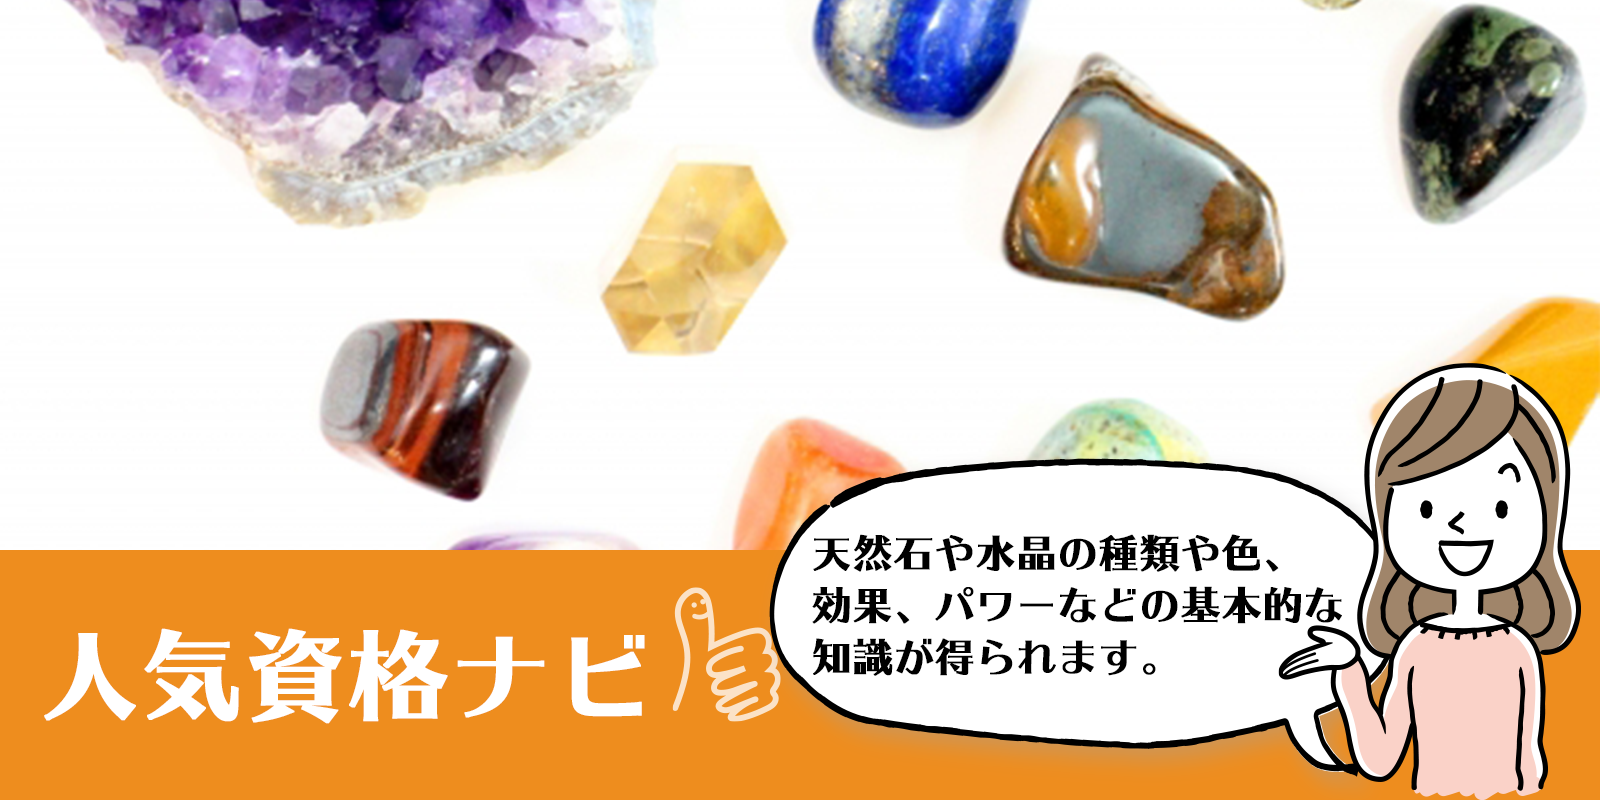 天然石鑑定士資格のアイキャッチ画像